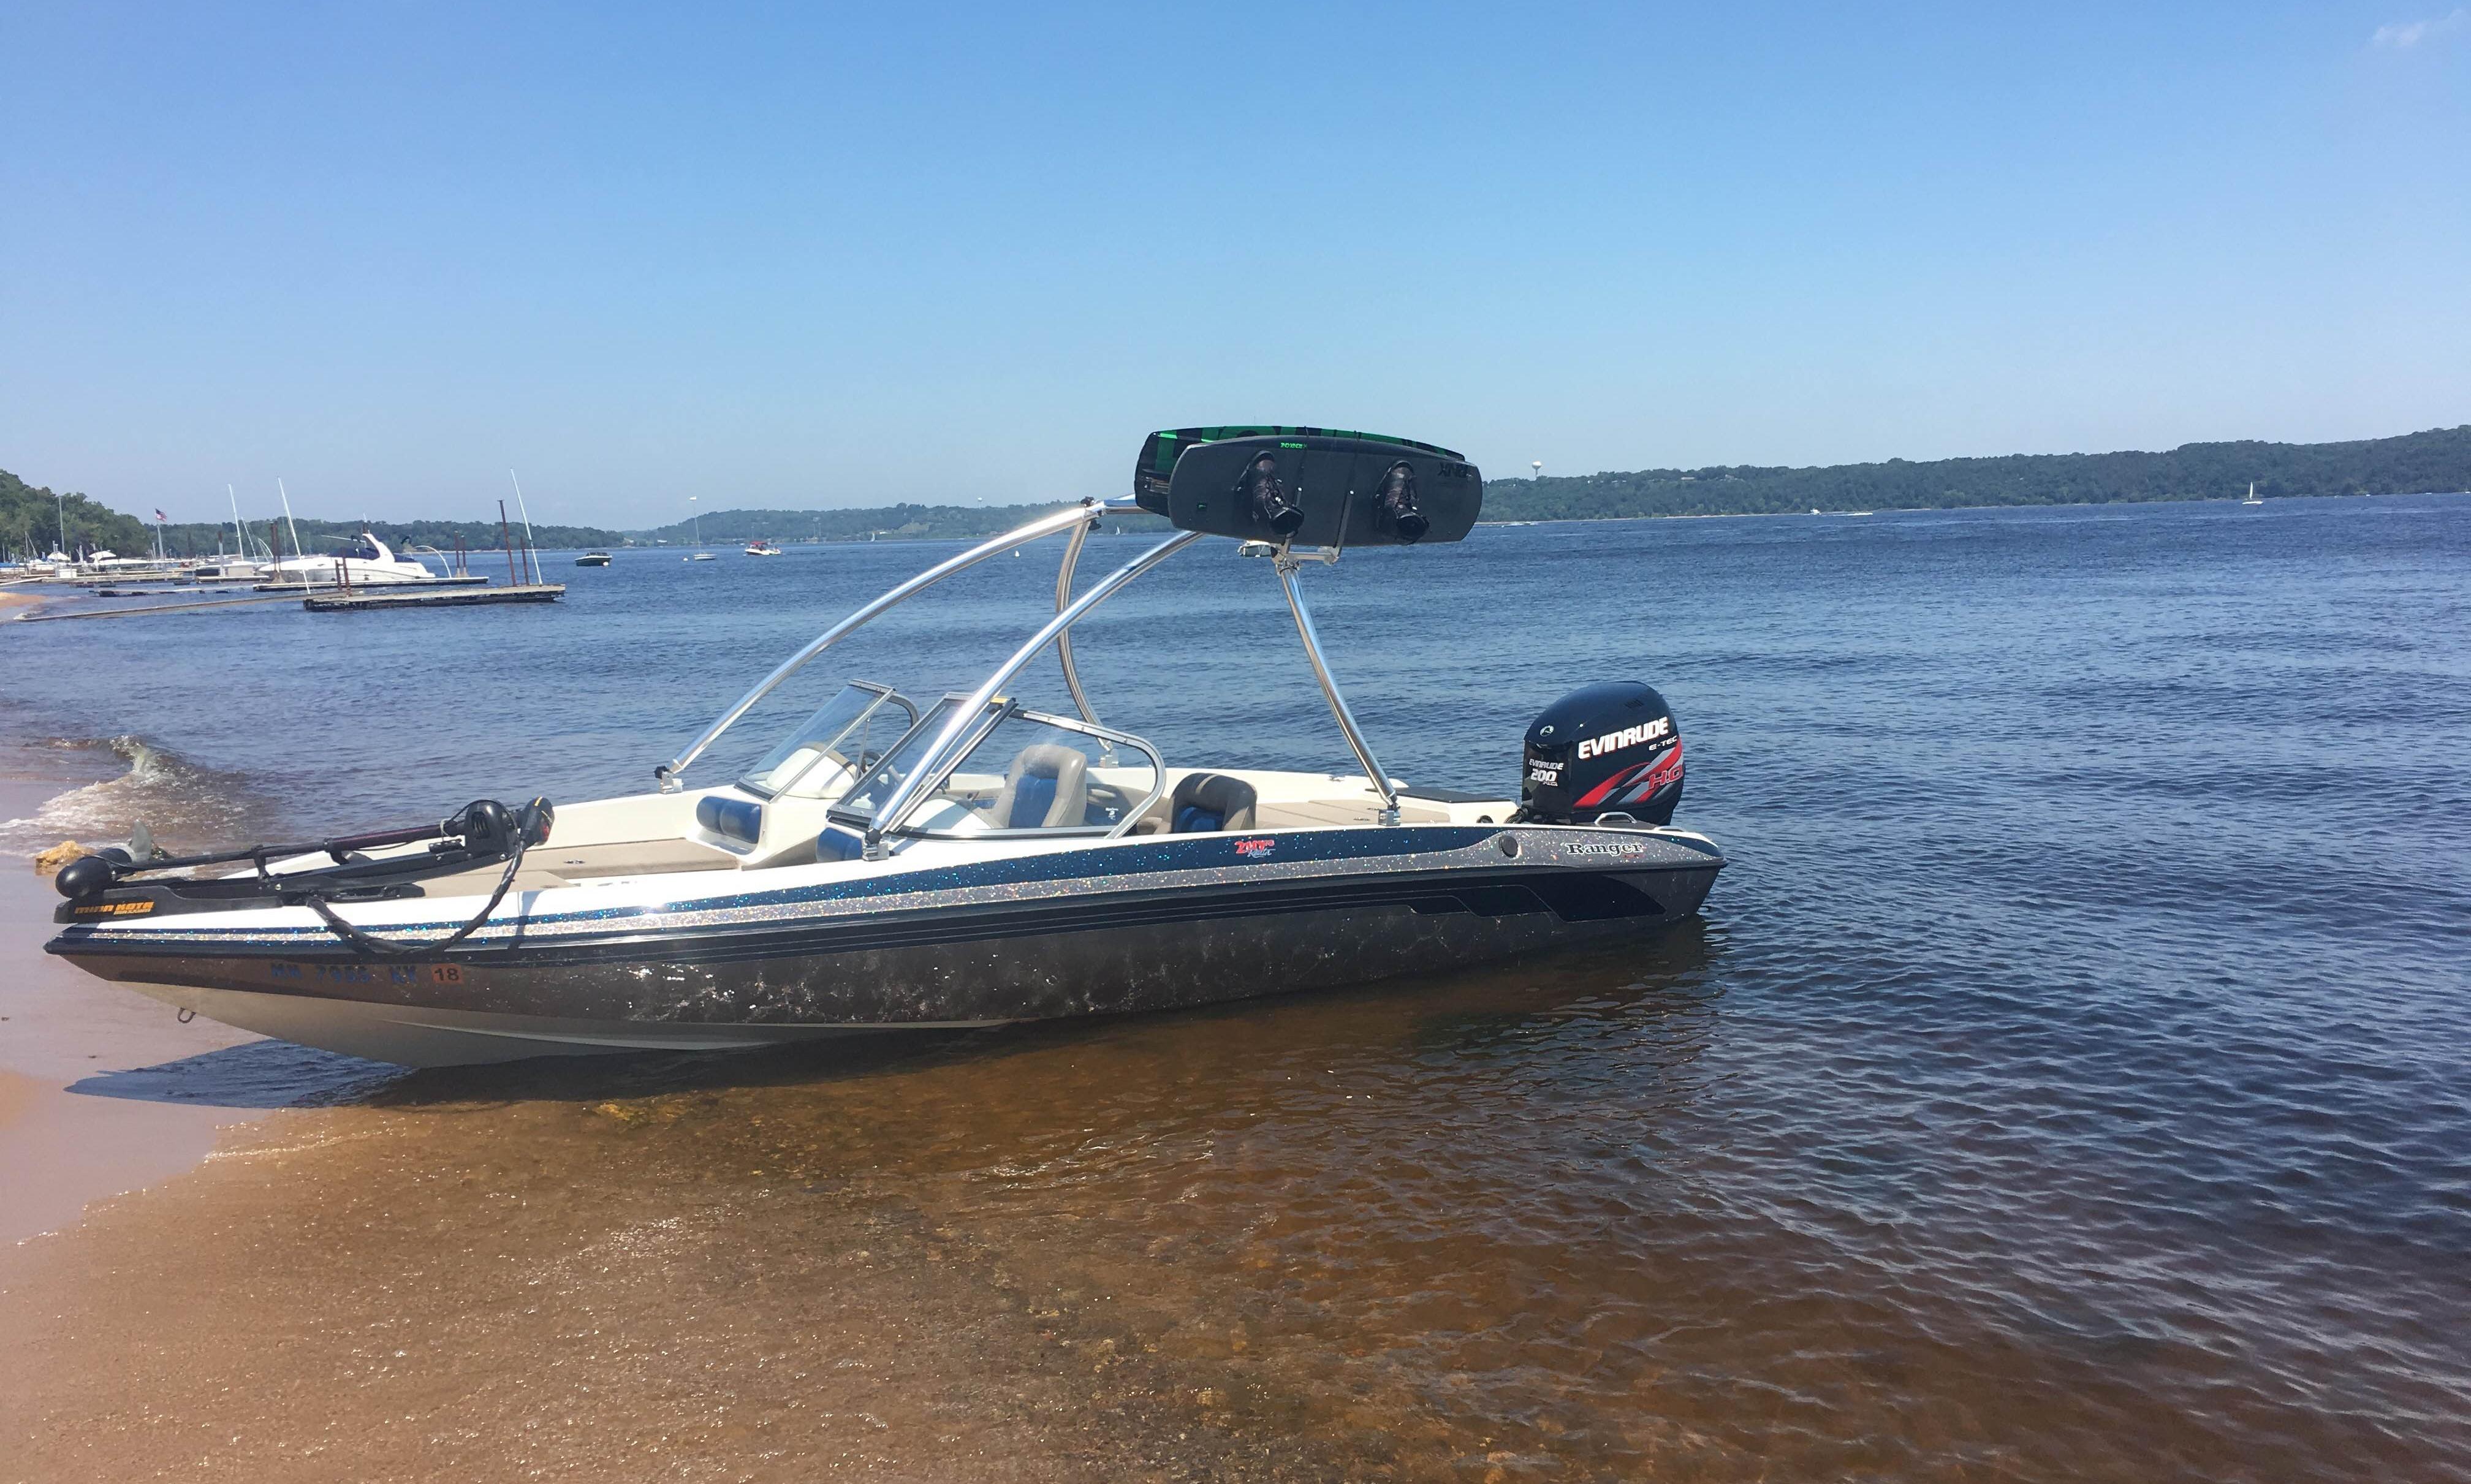 Pontoon Boats With Sleeping Quarters Wwwgenialfotocom